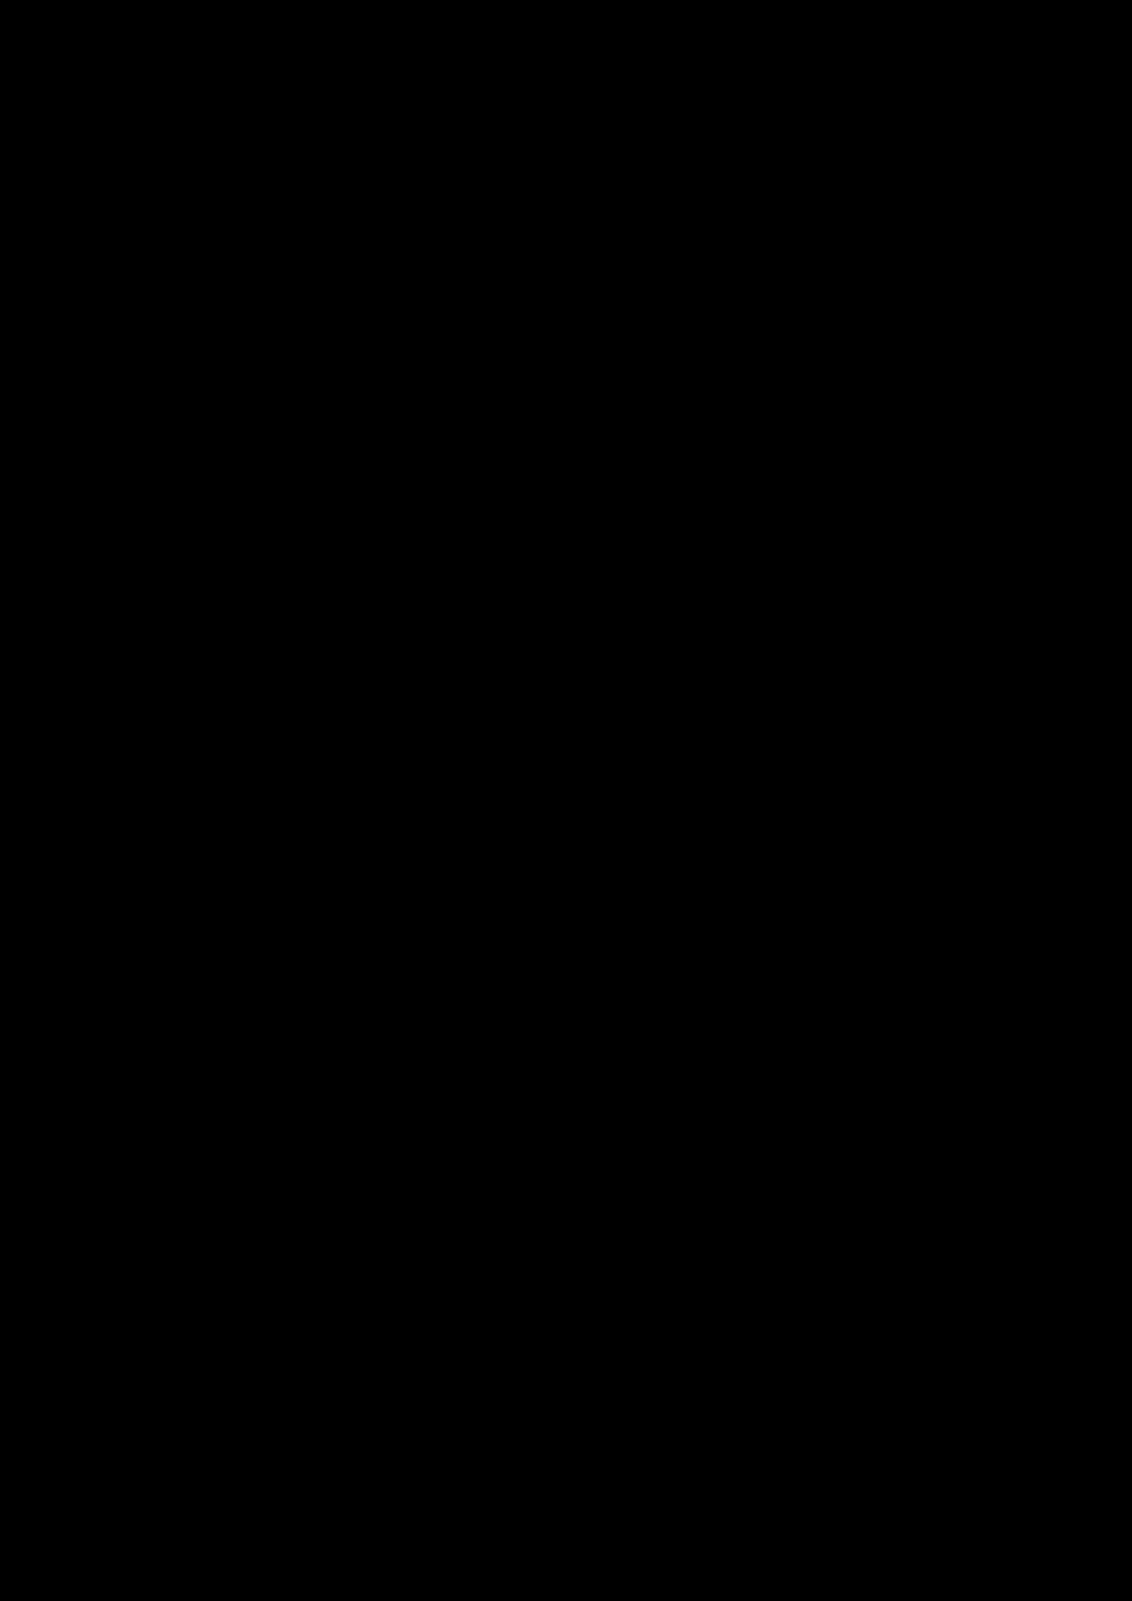 Proschanie s volshebnoy stranoy slide, Image 21